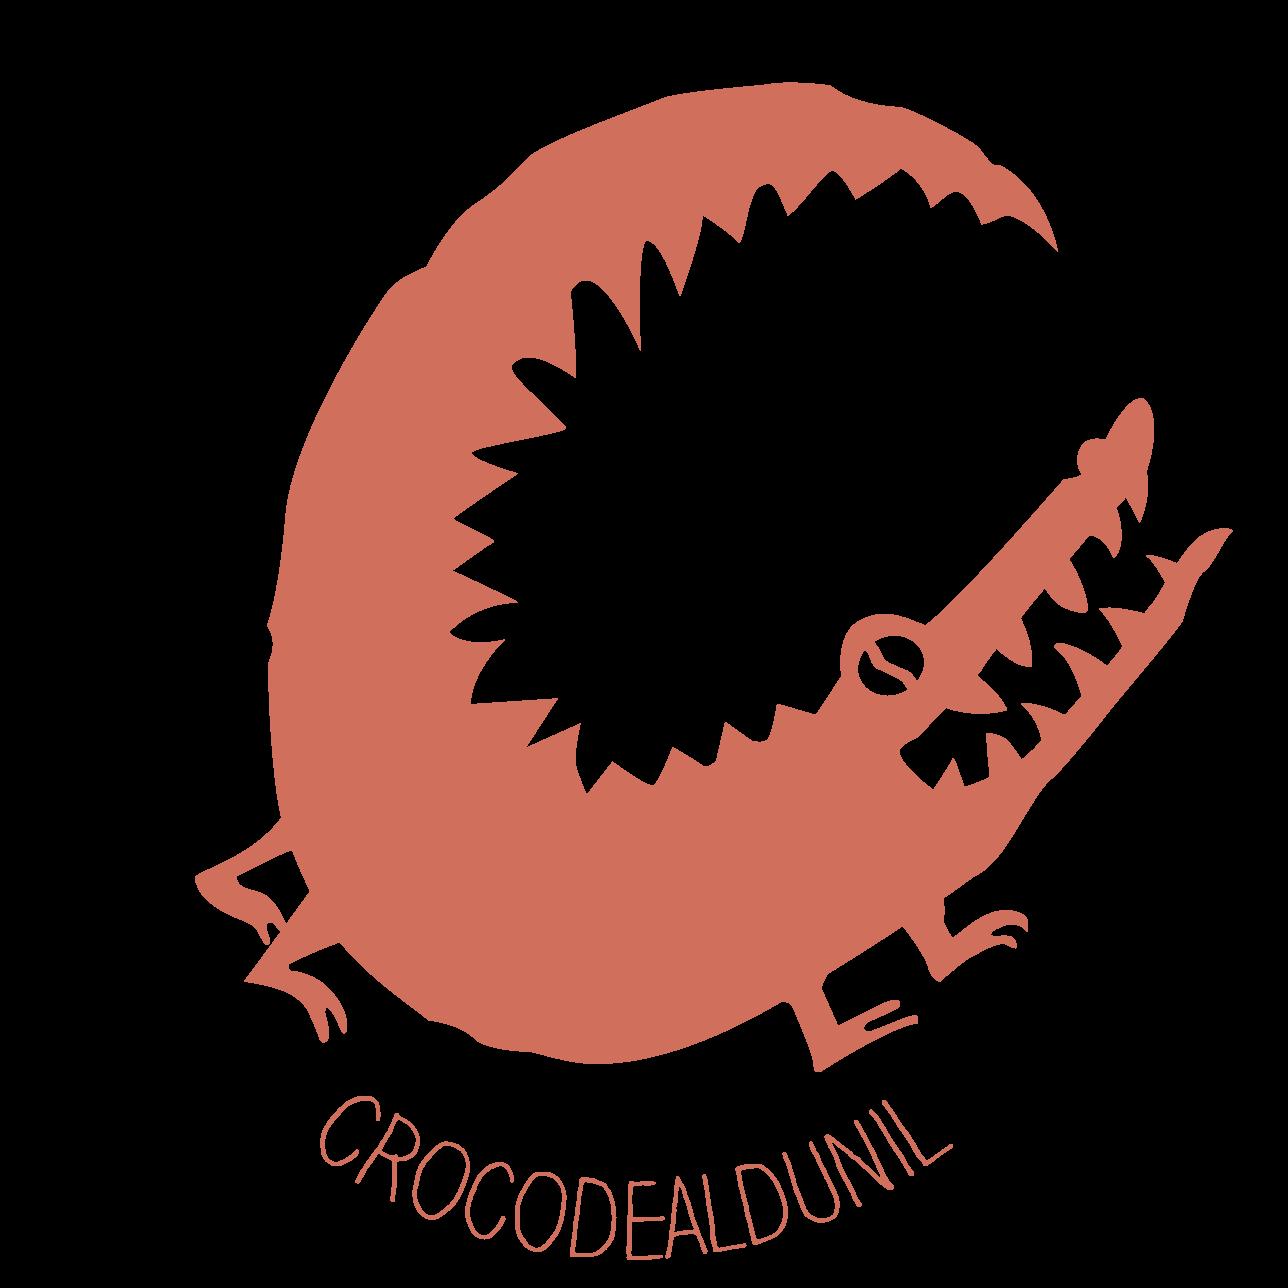 CrocoDealDunil